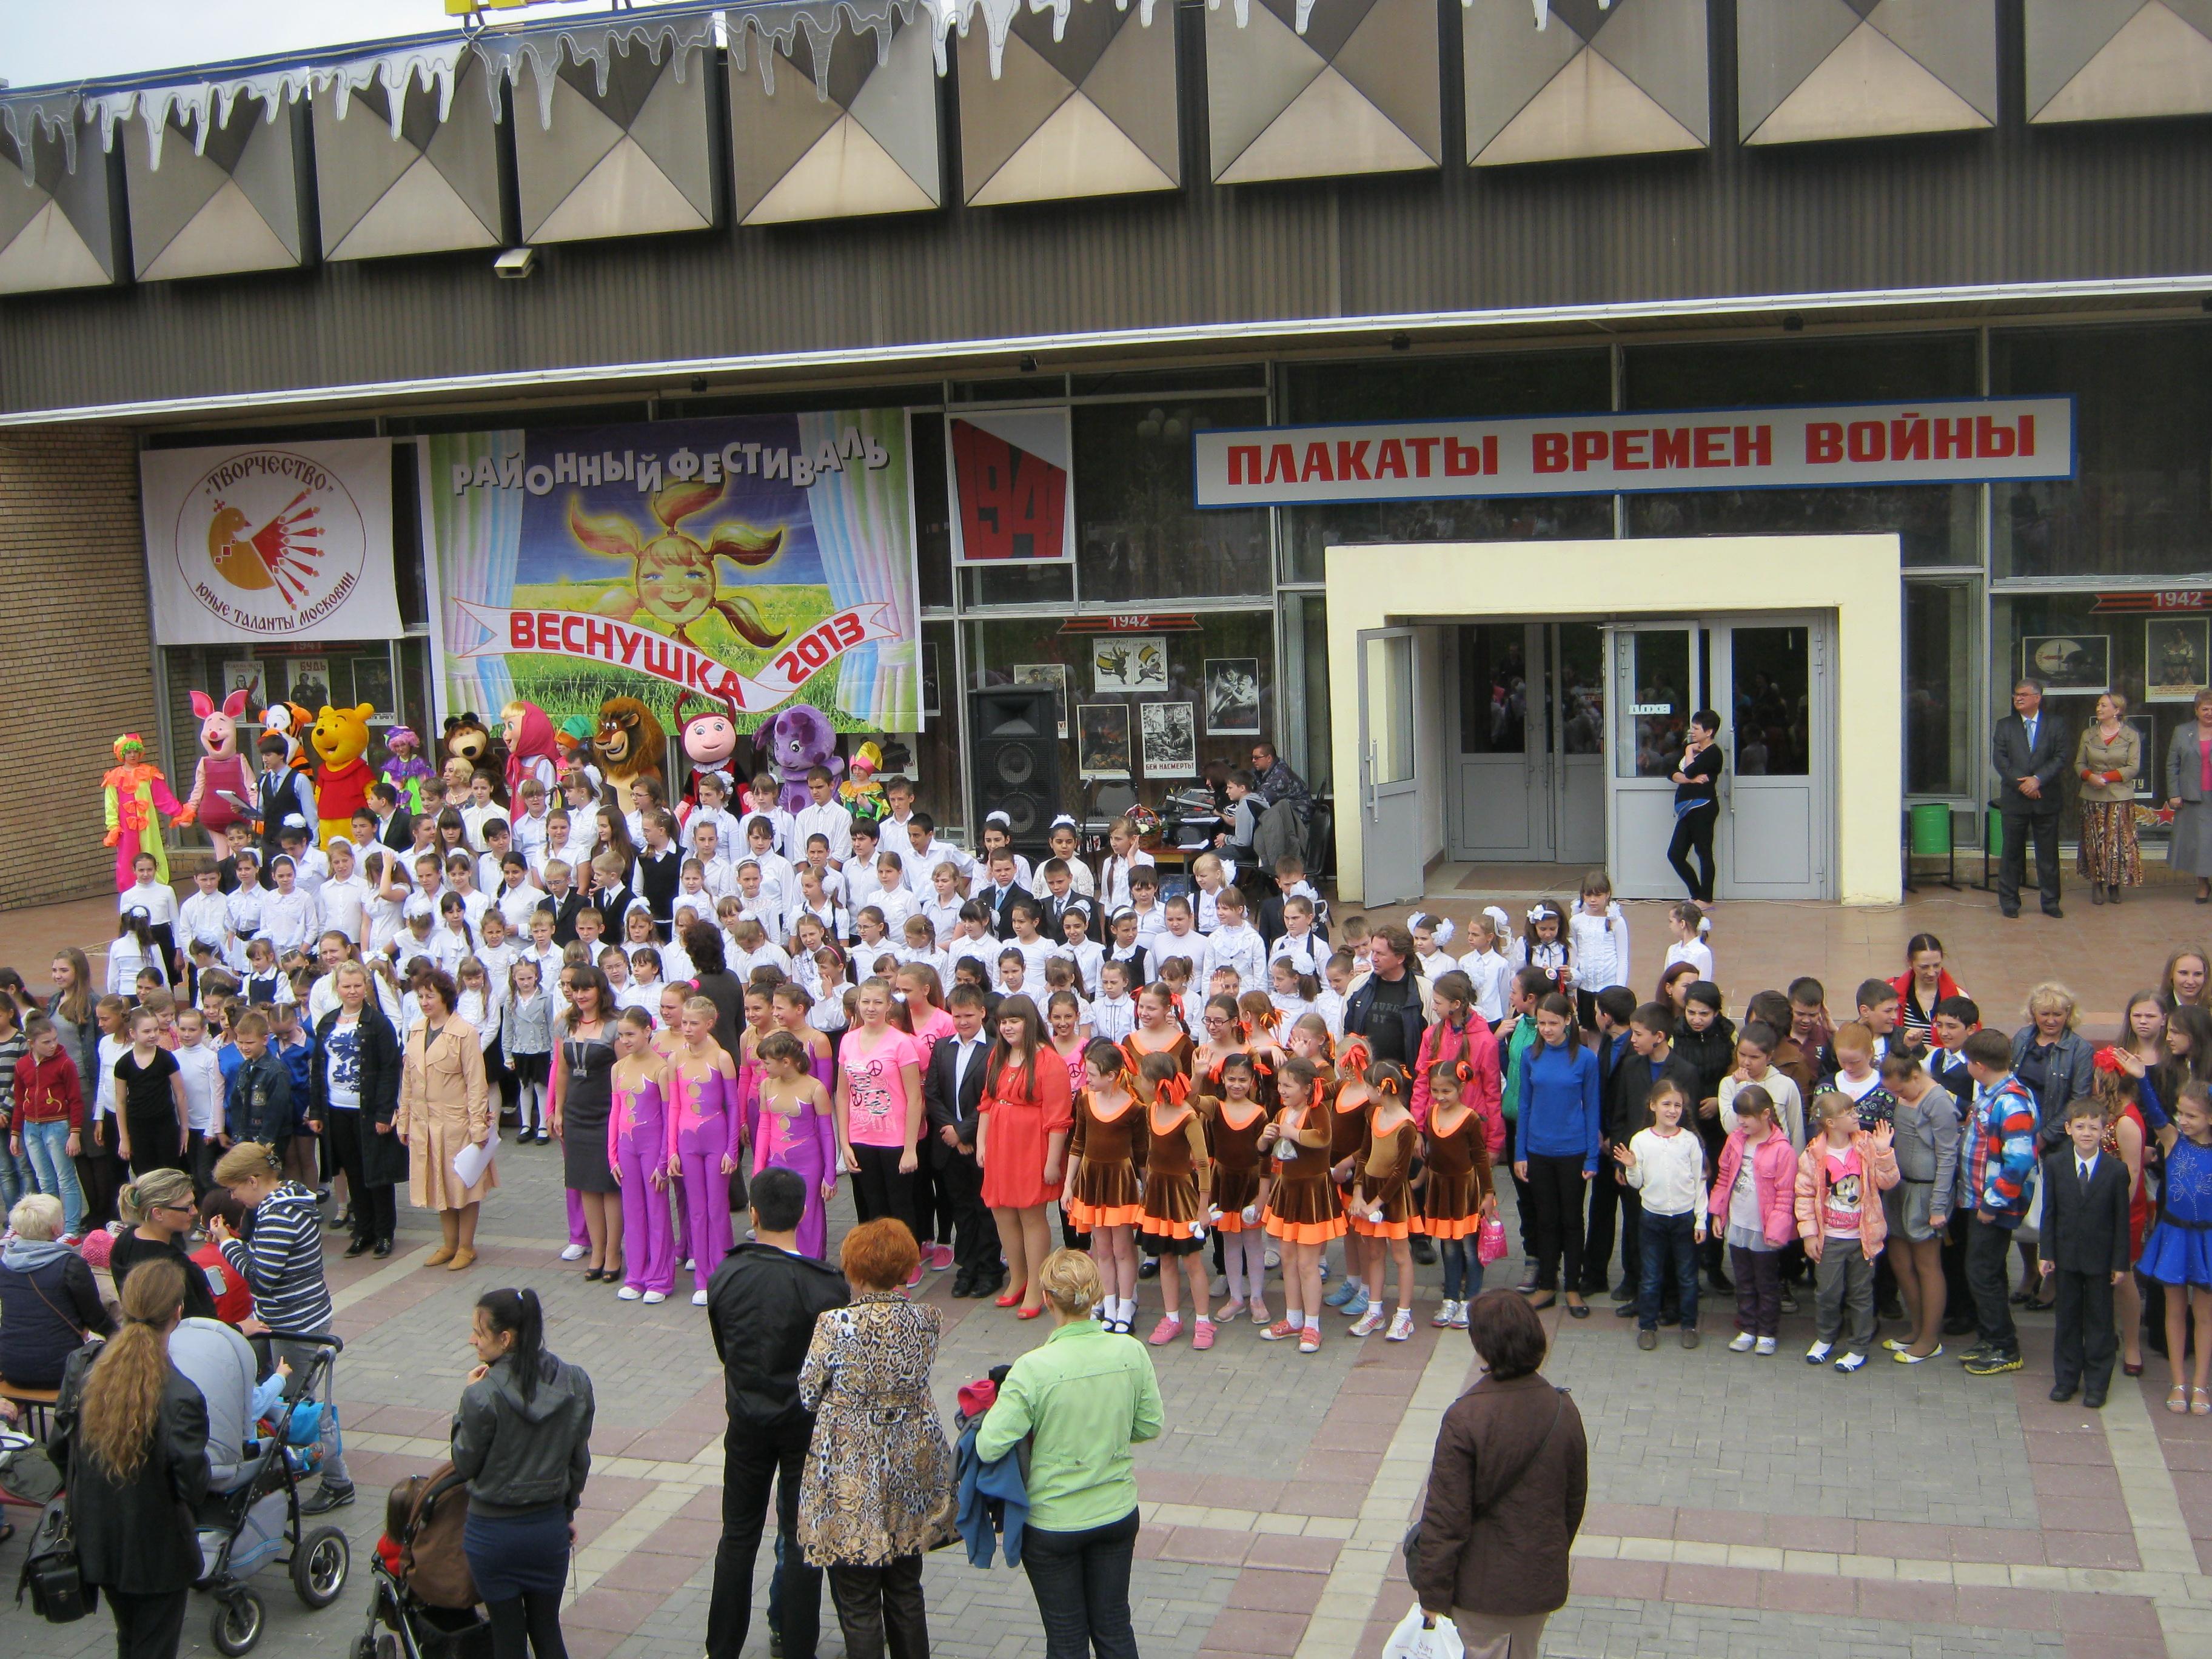 Веснушка-2013